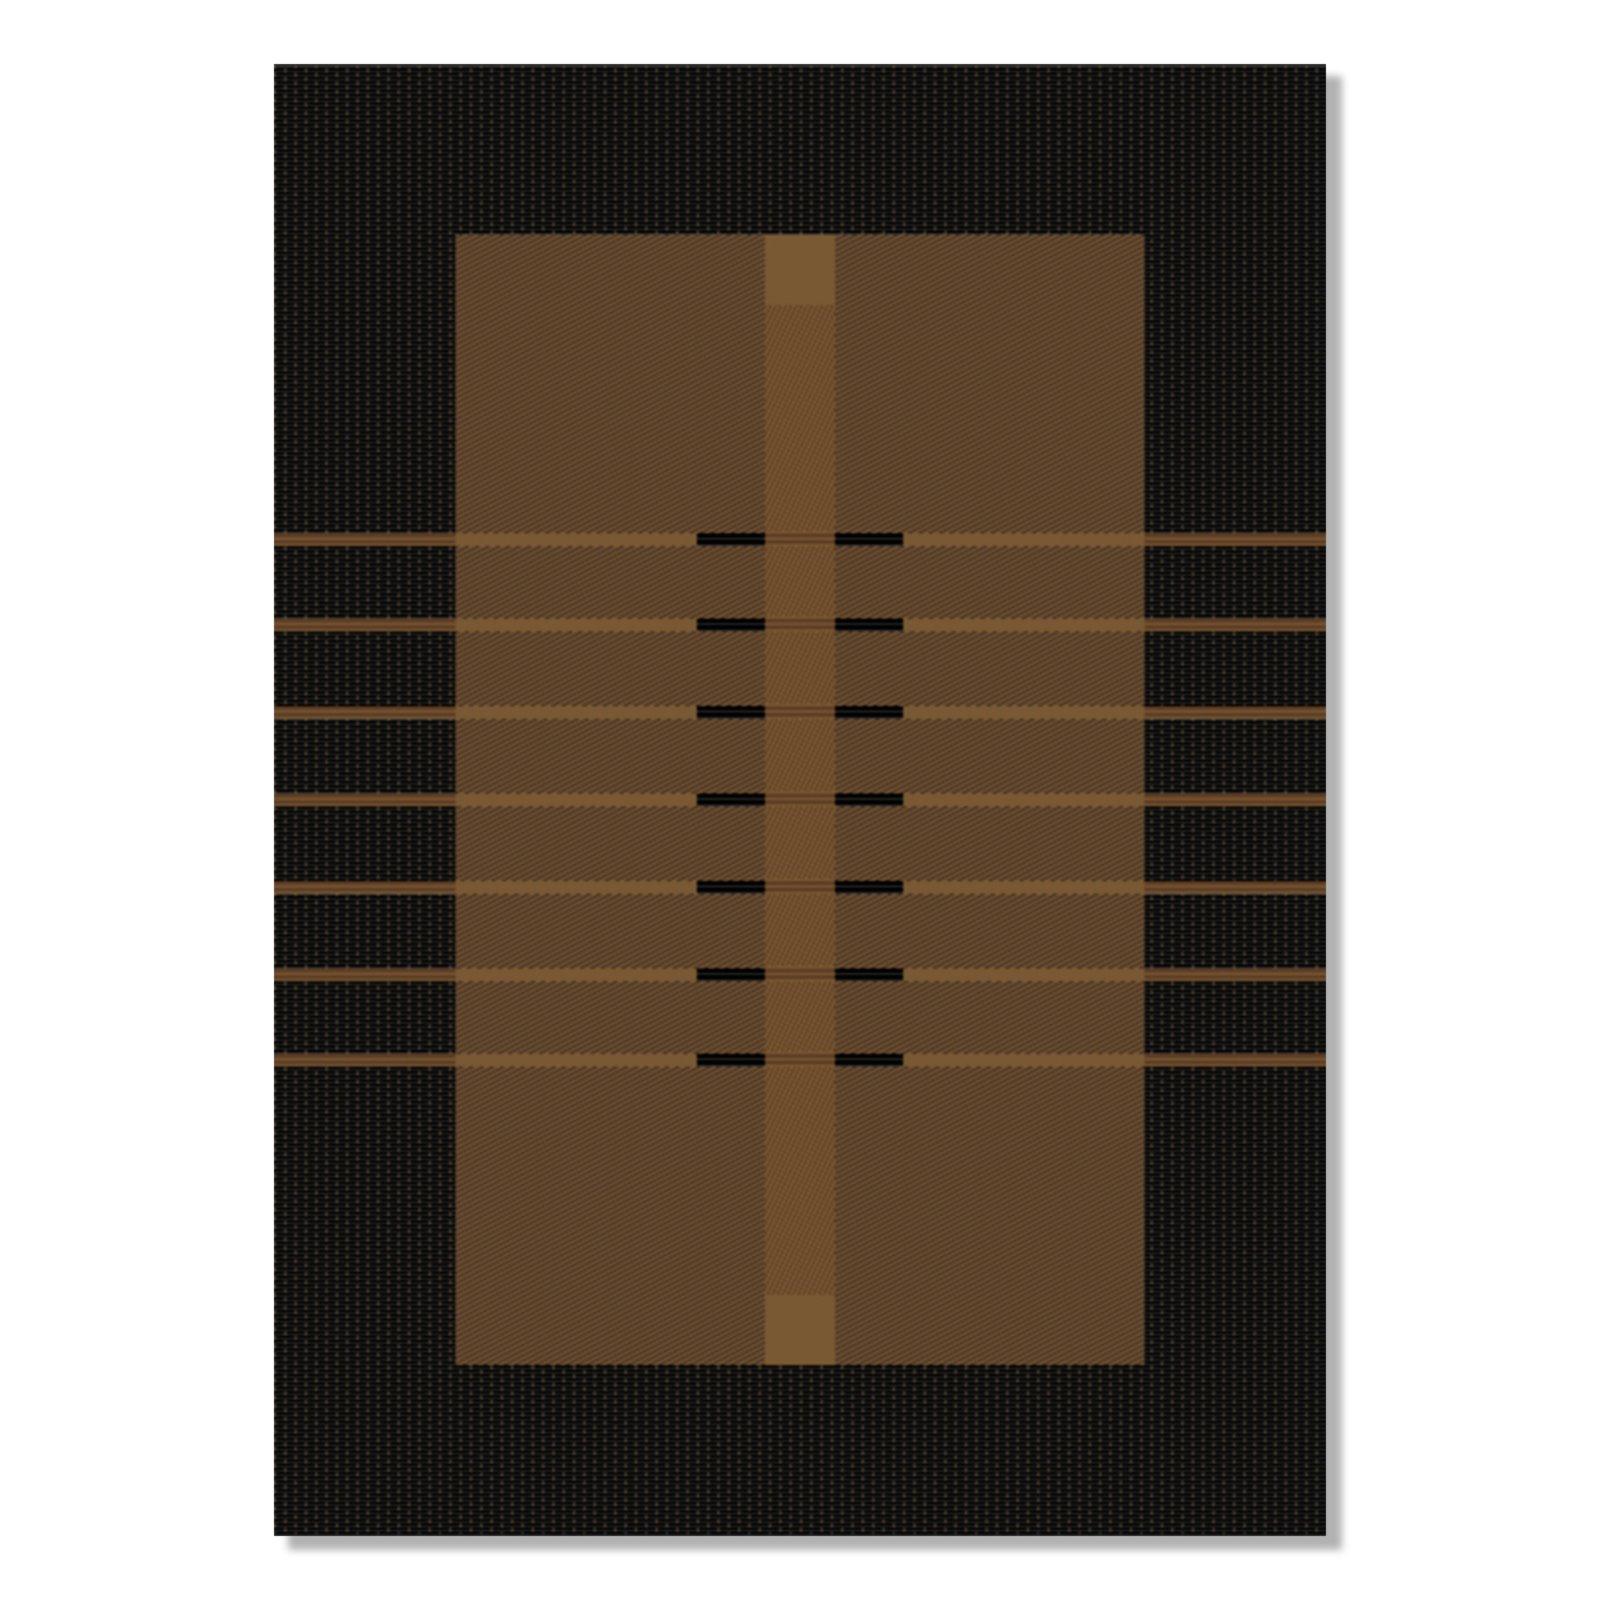 teppich oslo braun 160x230 cm gemusterte teppiche teppiche l ufer deko haushalt. Black Bedroom Furniture Sets. Home Design Ideas